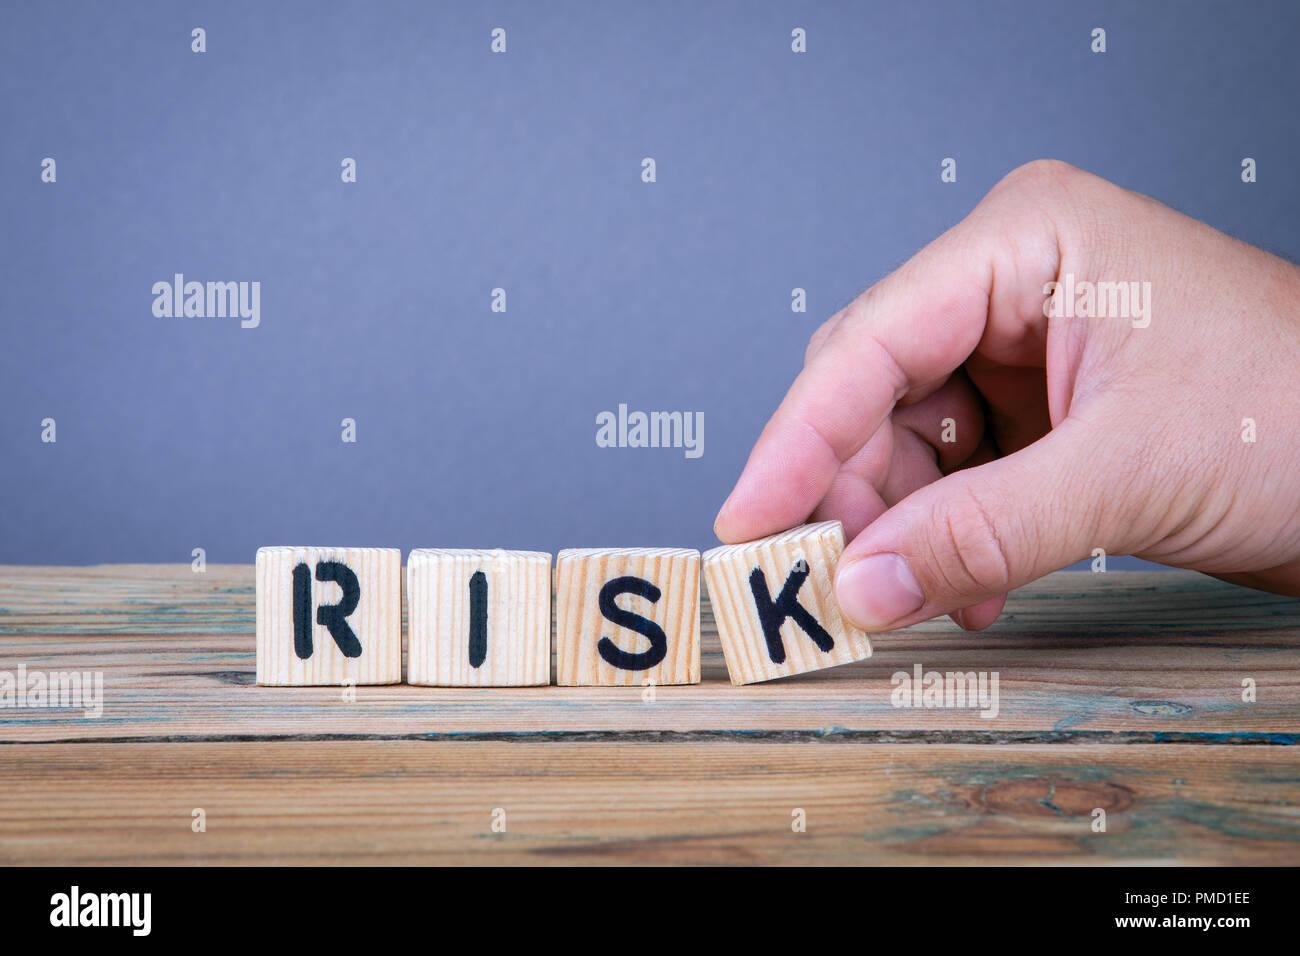 El riesgo. Letras de madera sobre el escritorio de la oficina Foto de stock